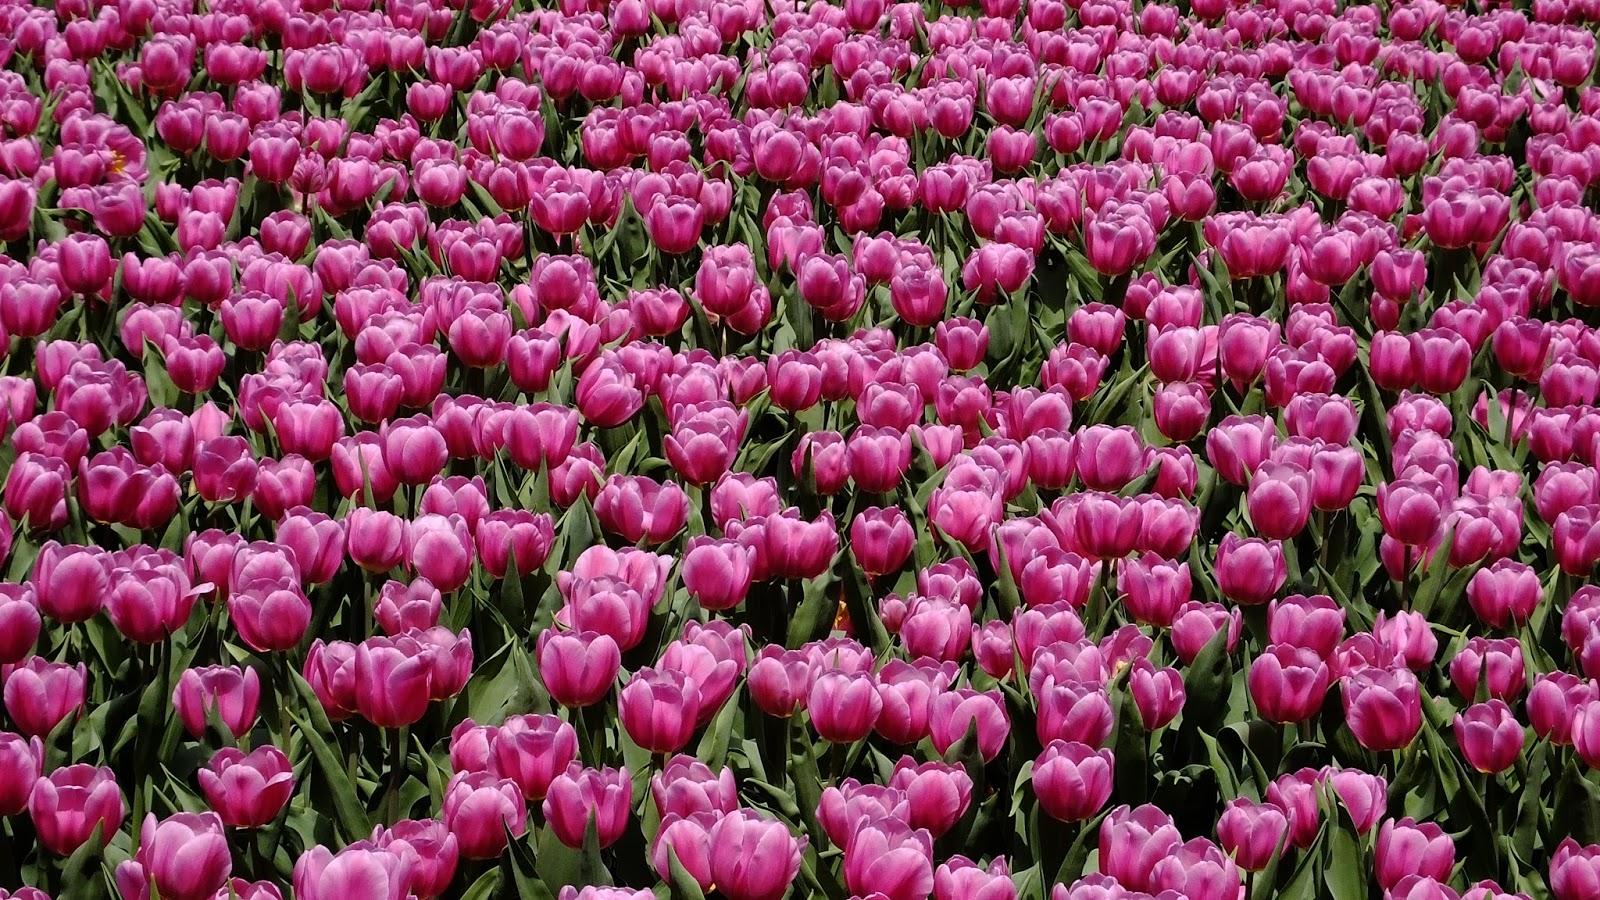 Fond ecran printemps fleurs fonds d 39 cran hd - Catalogue de fleurs gratuit ...